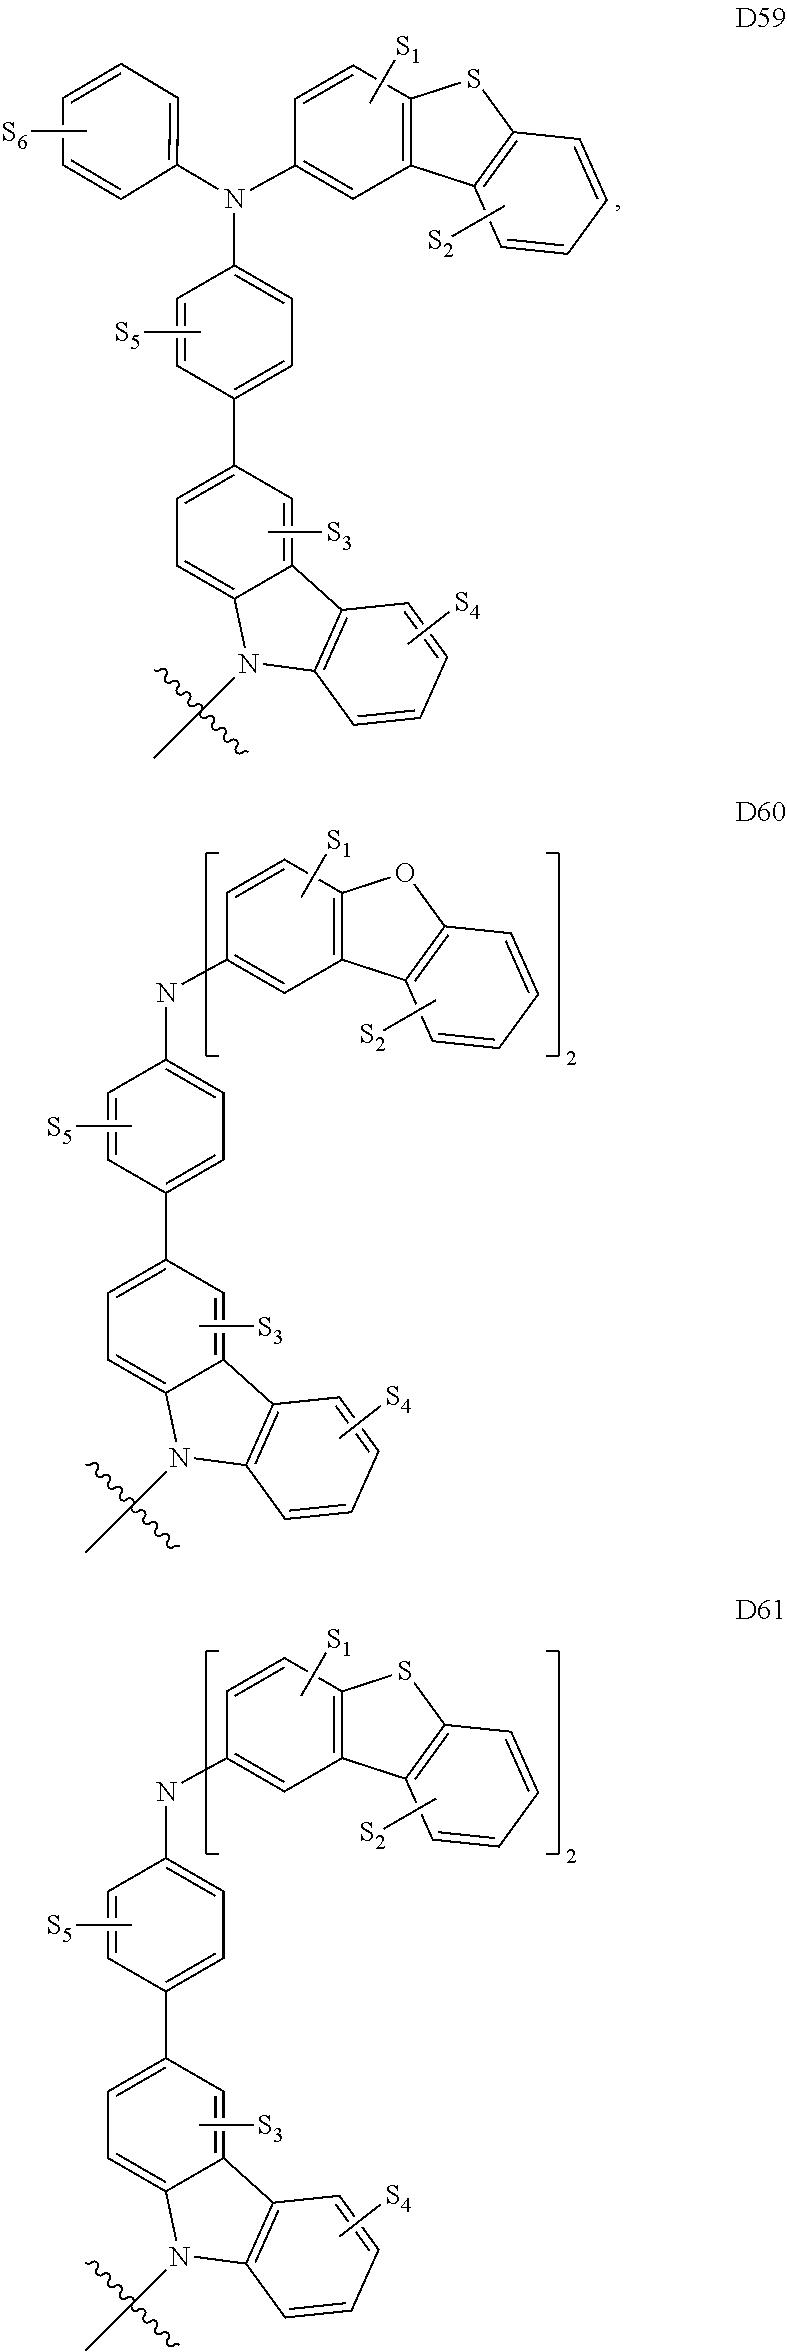 Figure US09537106-20170103-C00137